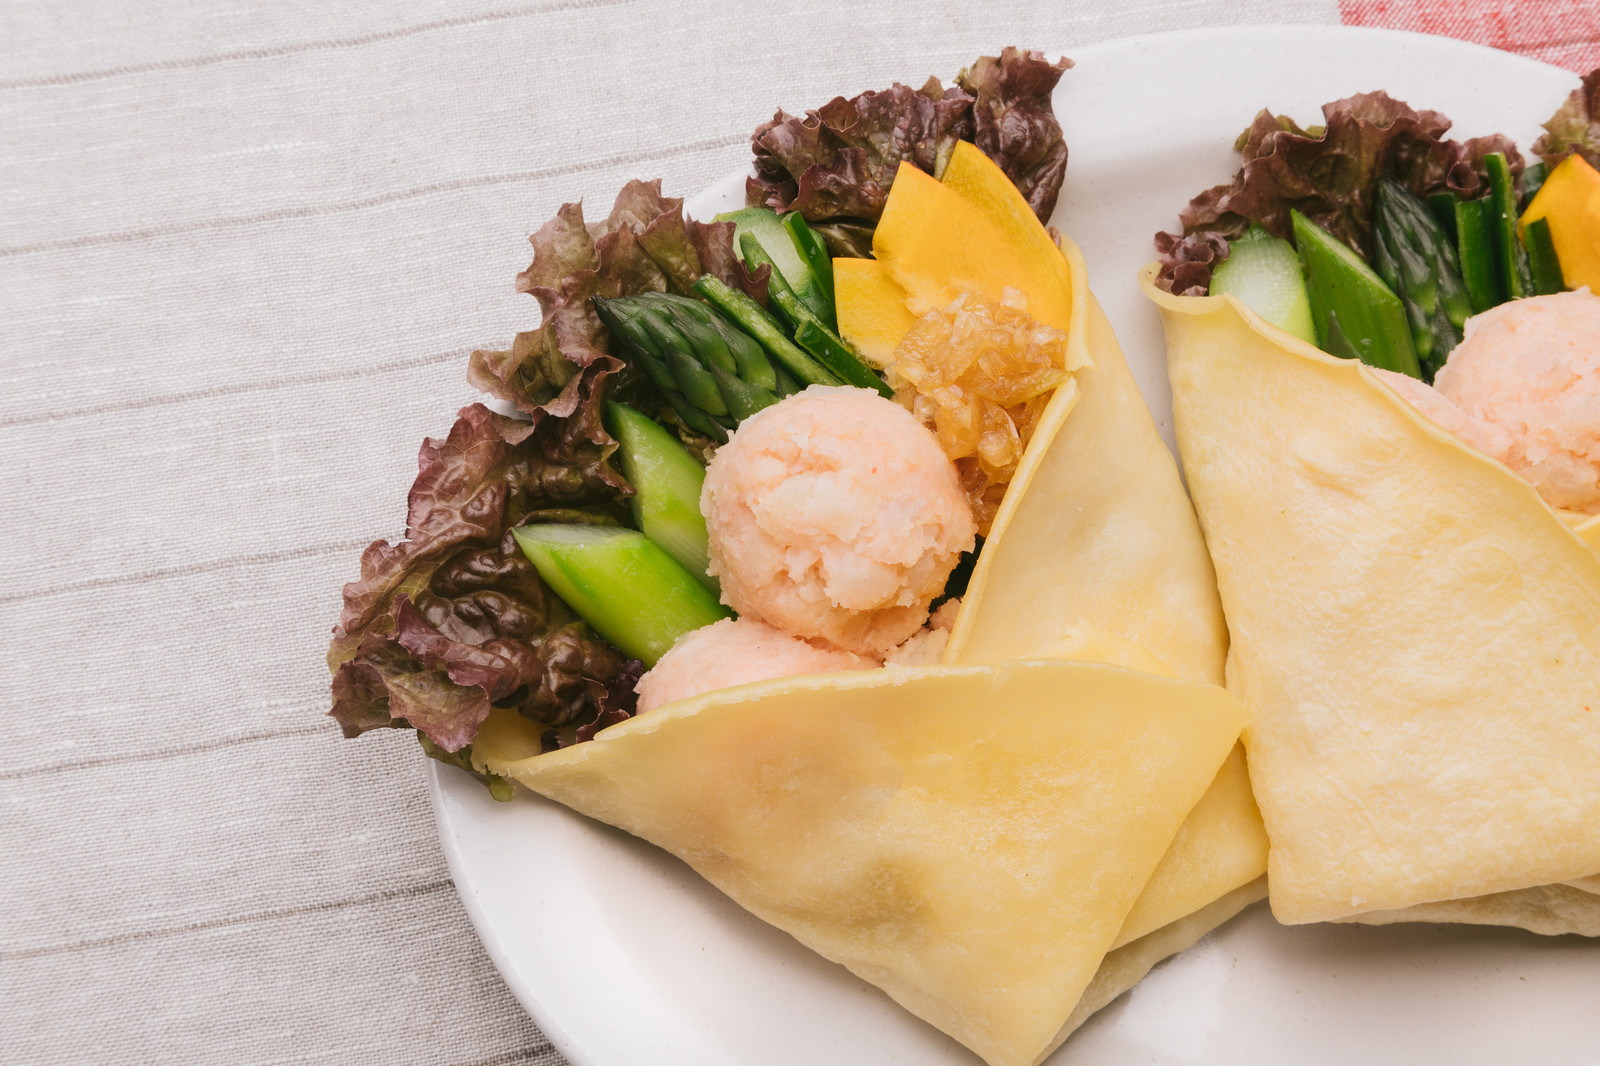 「ヘルシーでボリューミーな「明太ポテトと野菜のベジクレープ」 | 写真の無料素材・フリー素材 - ぱくたそ」の写真